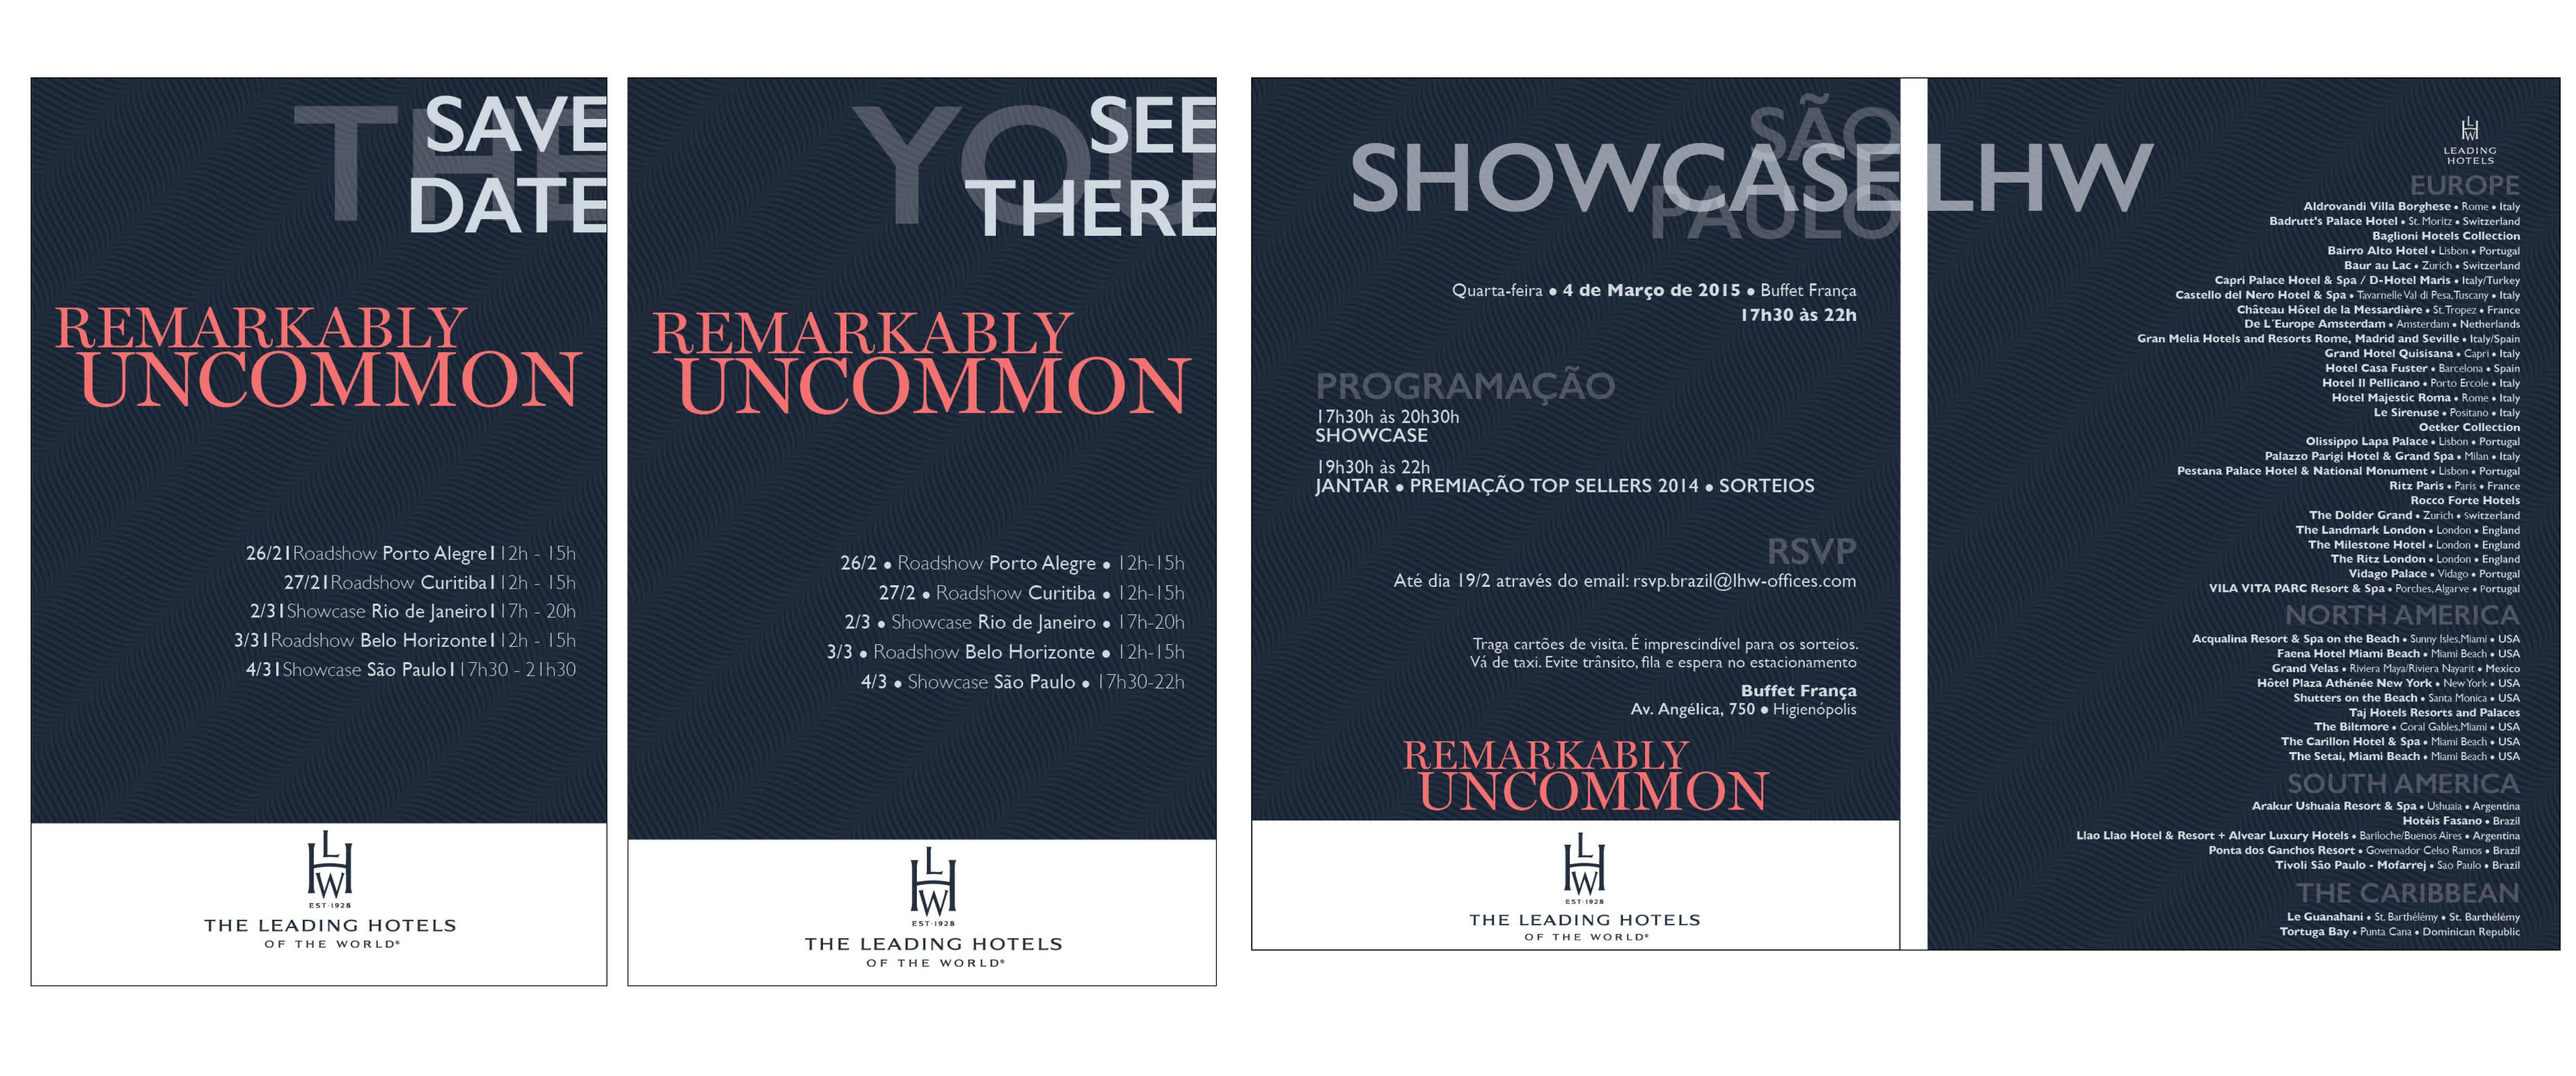 TLH - evento fevereiro 2015